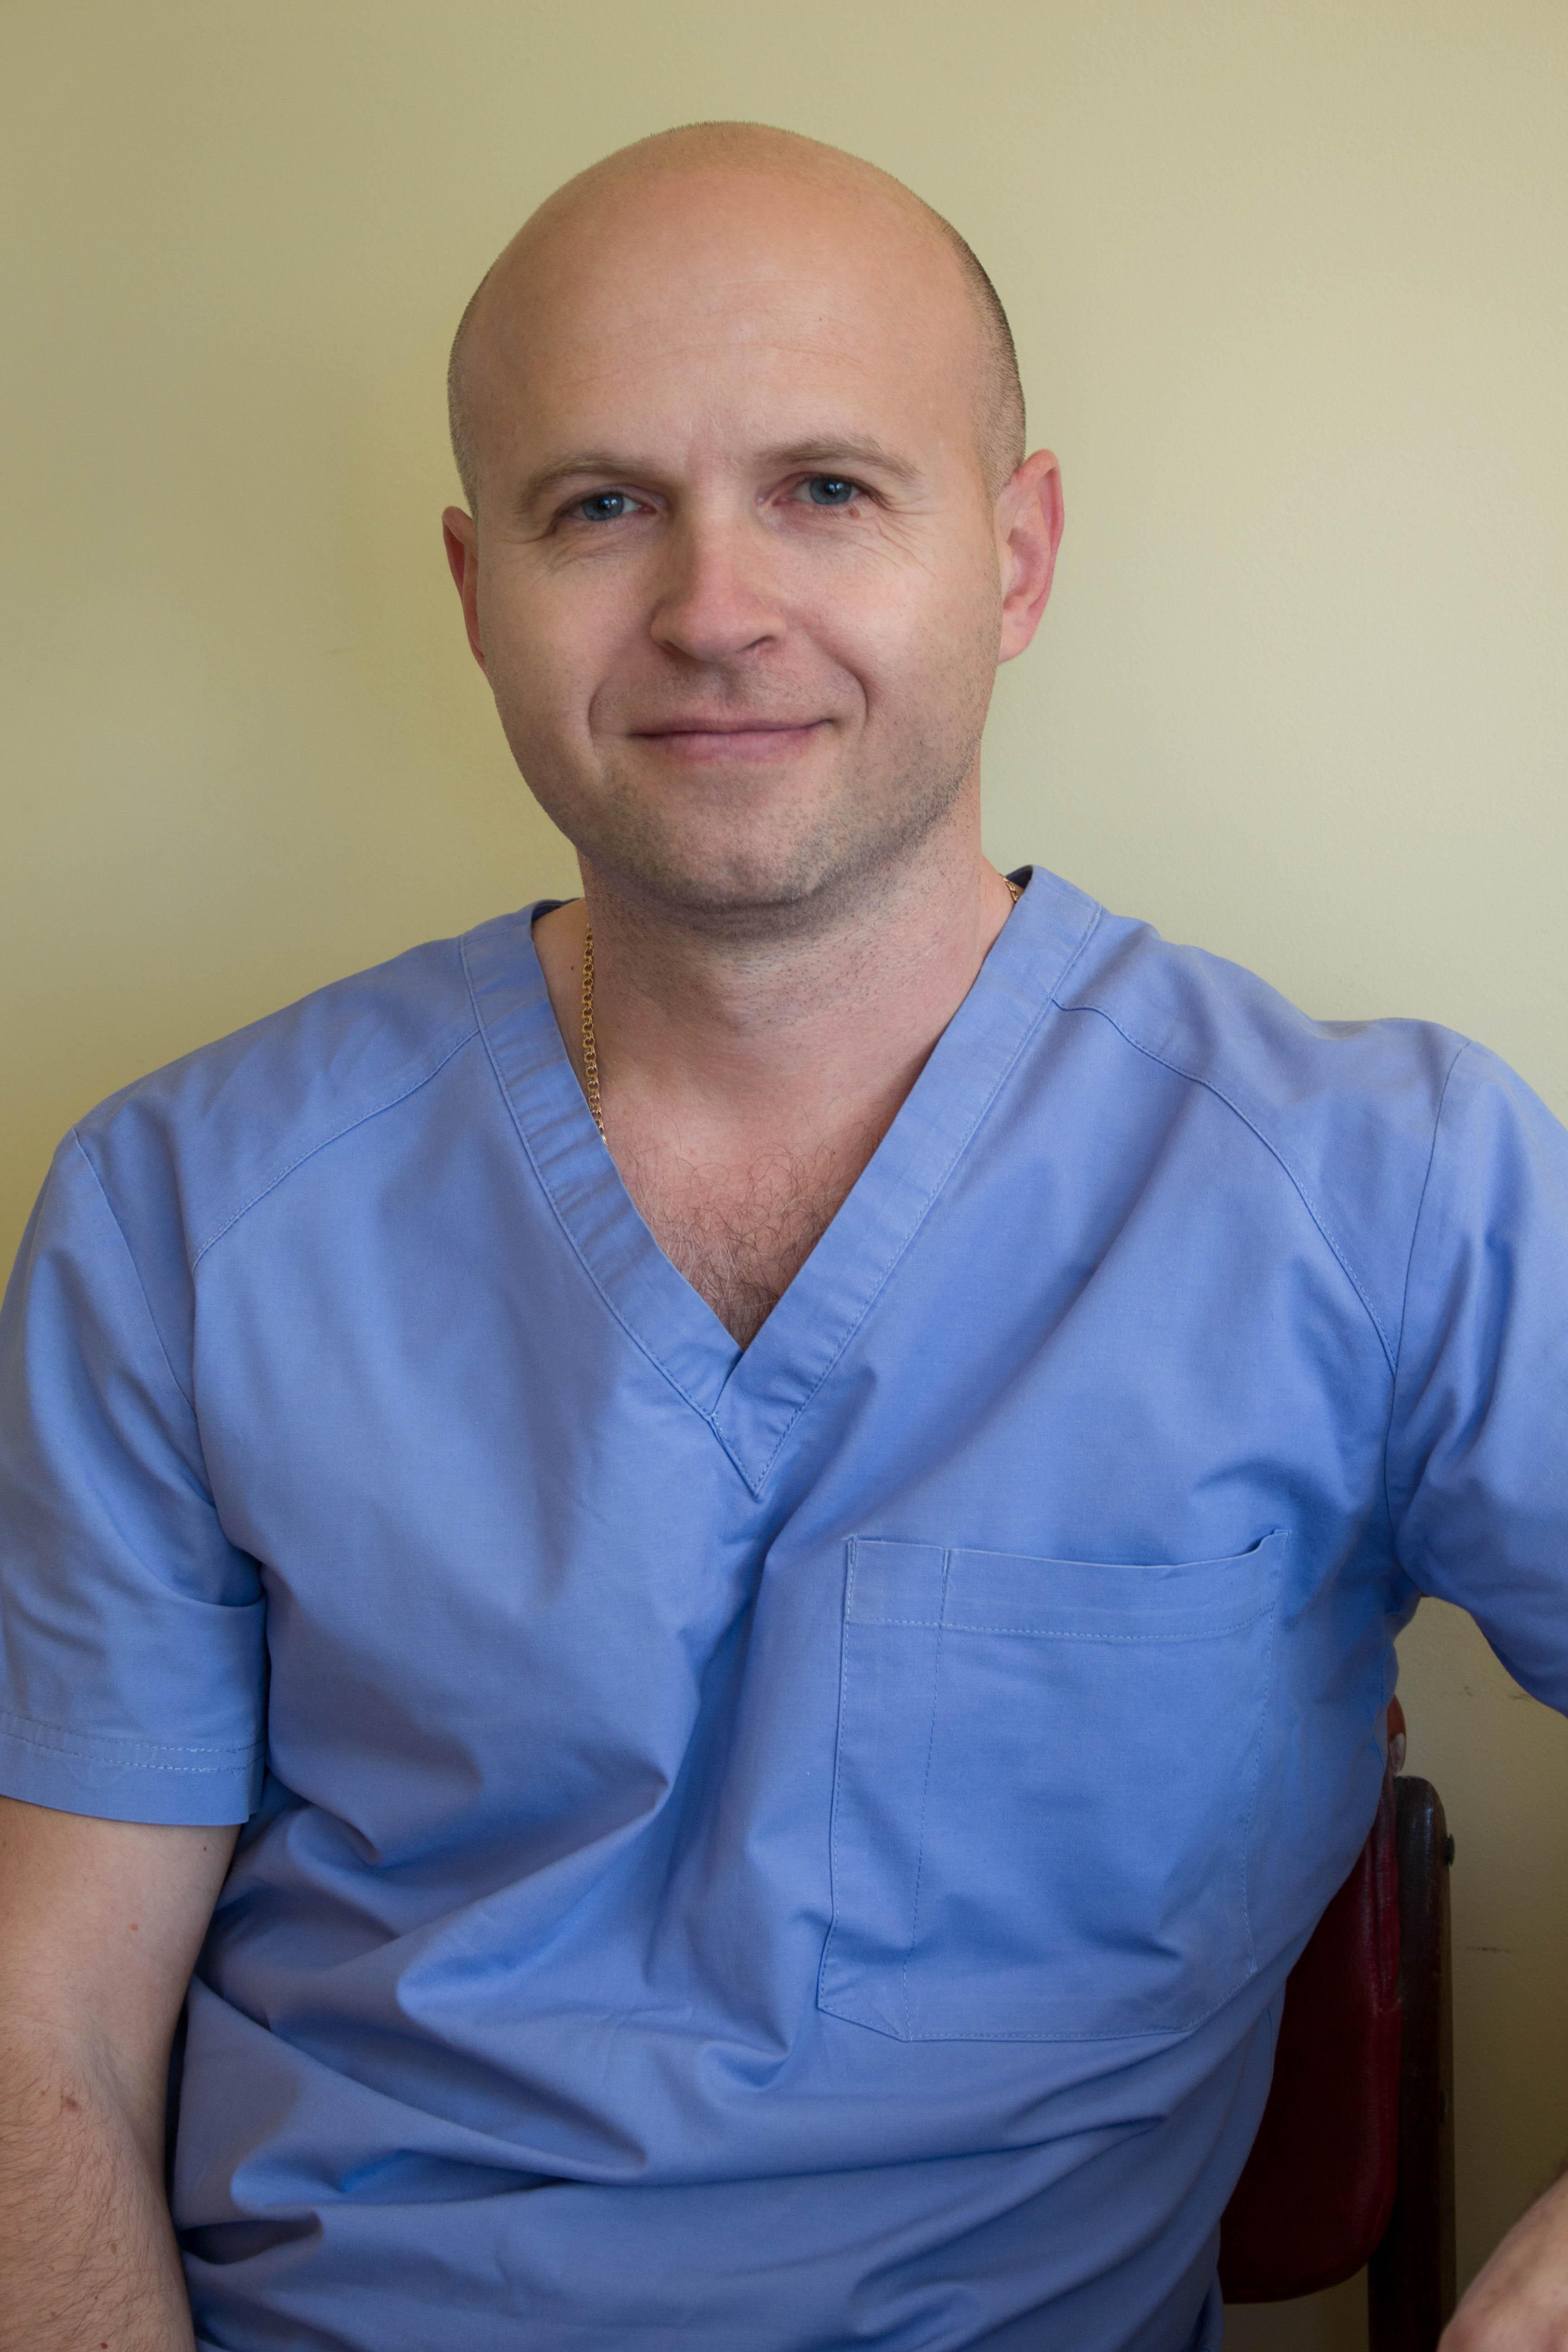 Кулик Андрей Александрович - врач по венам, флеболог в центре Лоридан. Высшая категория. Стаж более 20 лет.